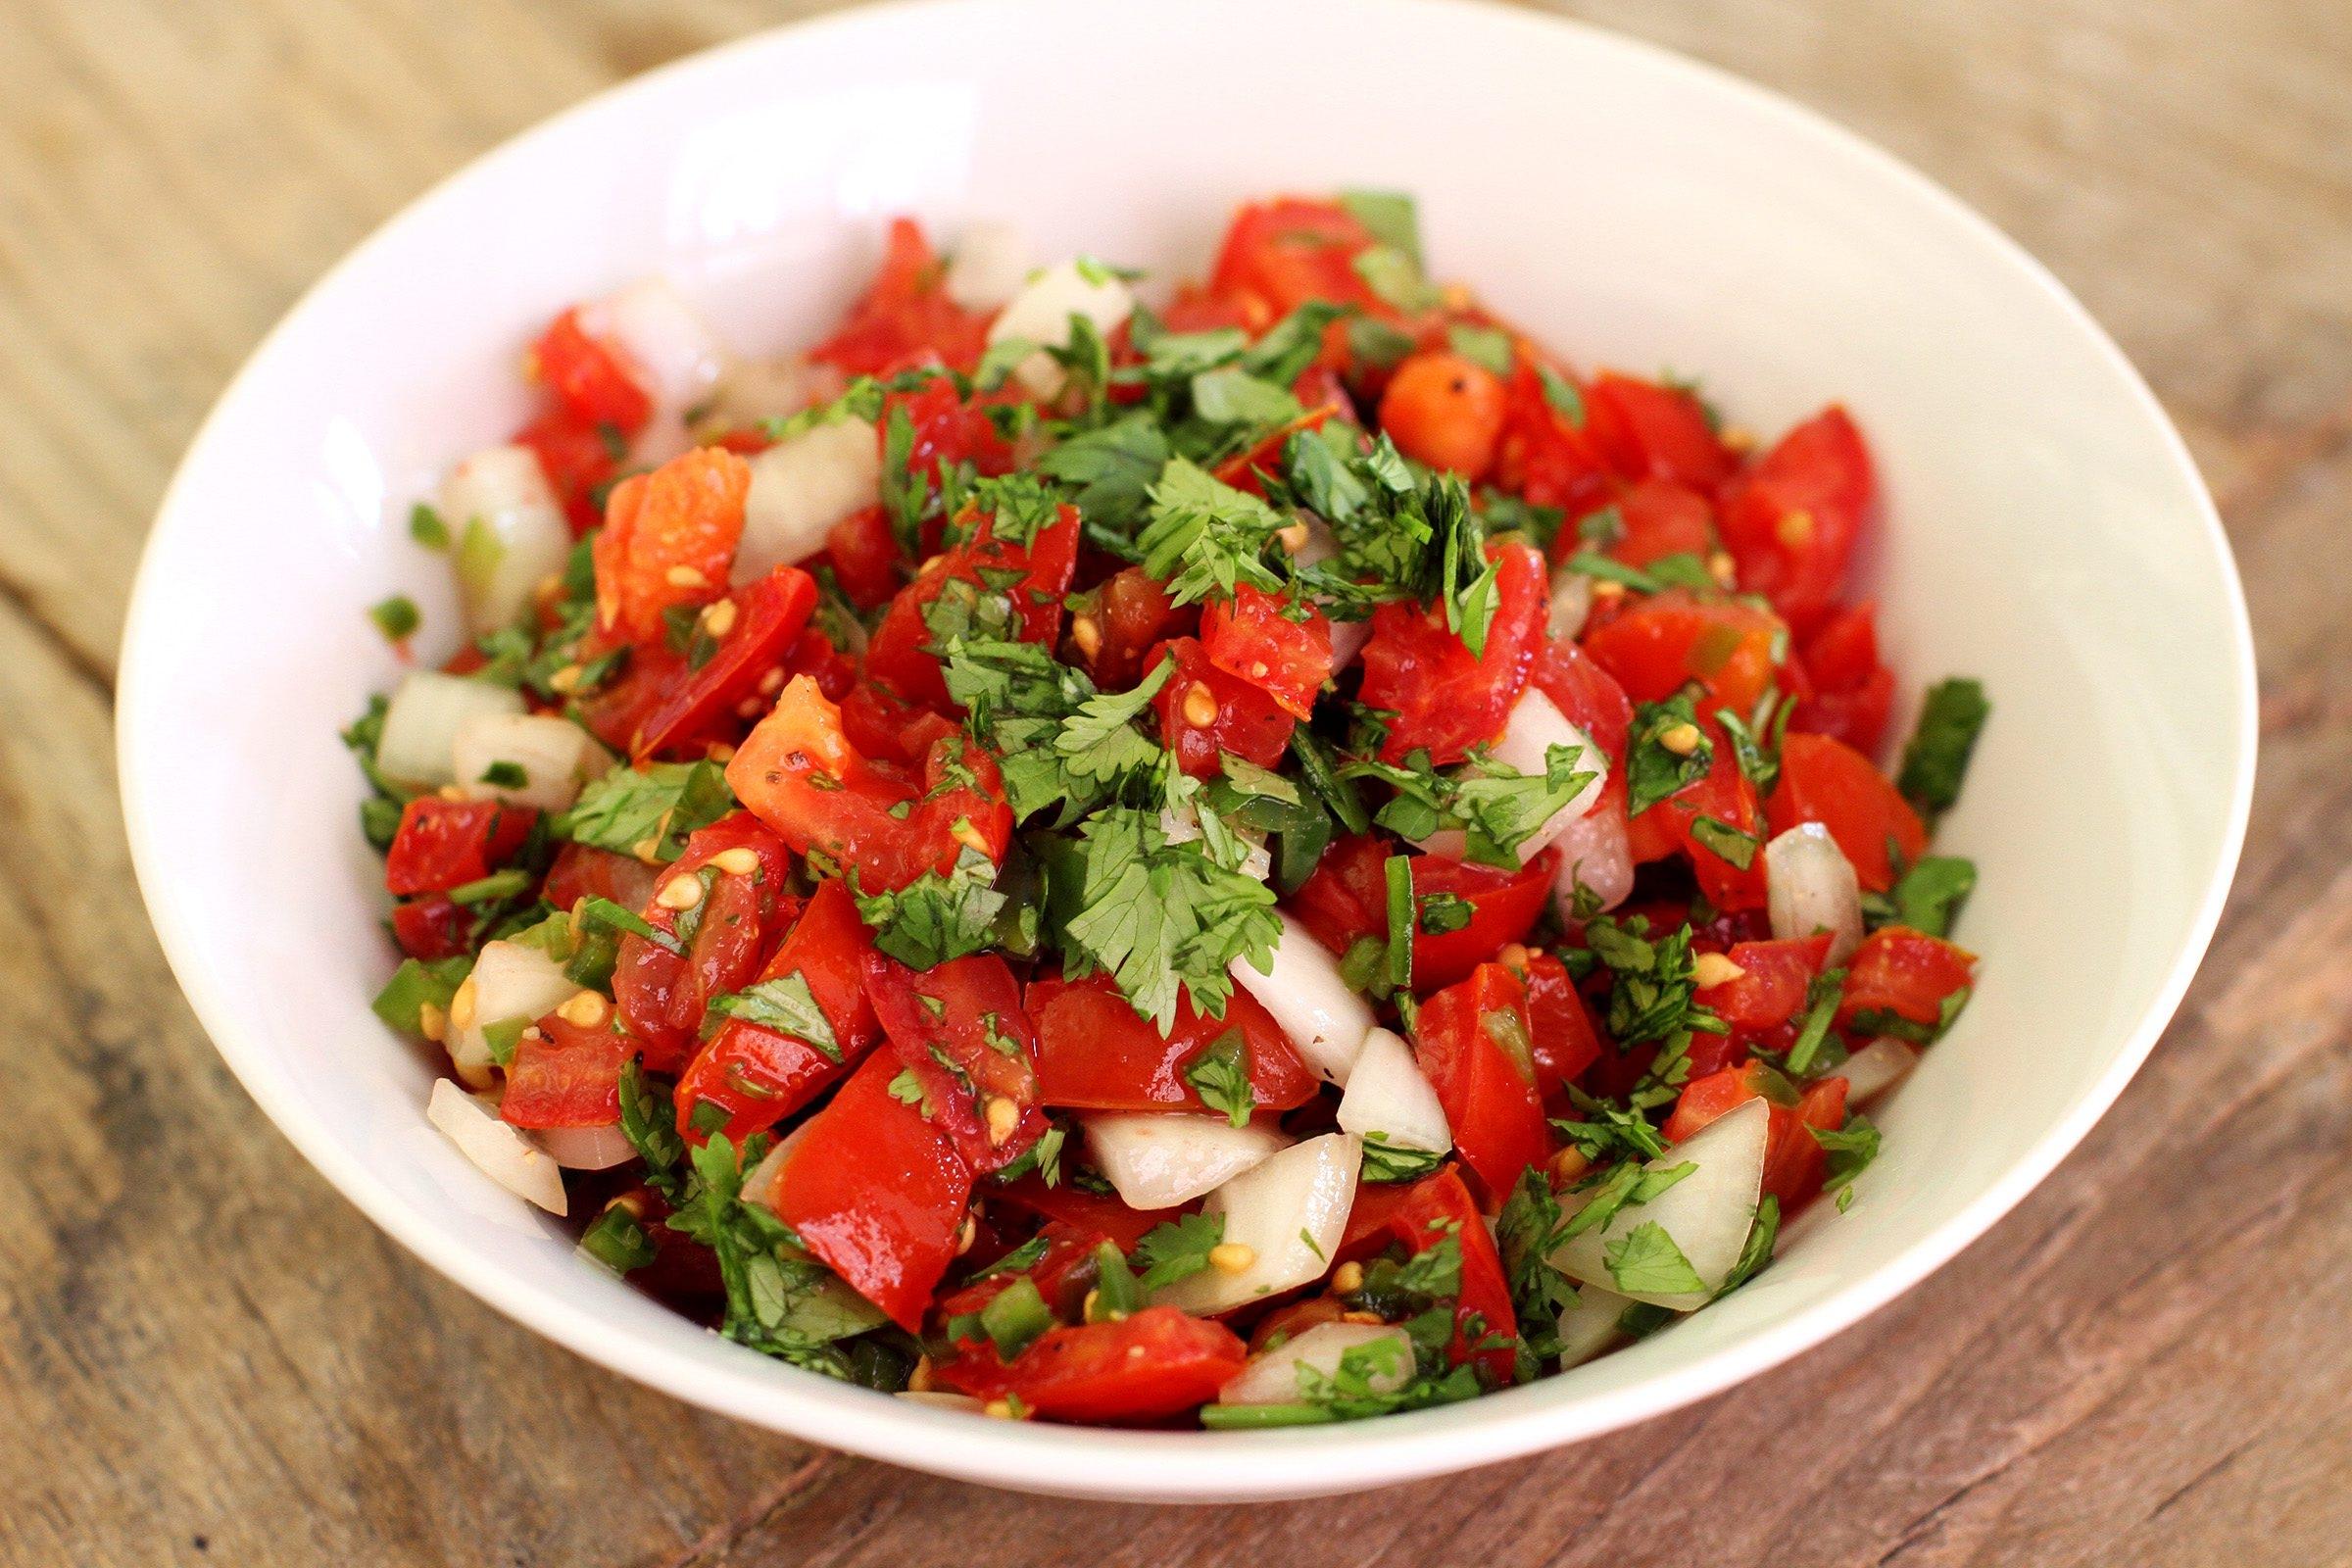 Now's the time to make fresh, tasty pico de gallo